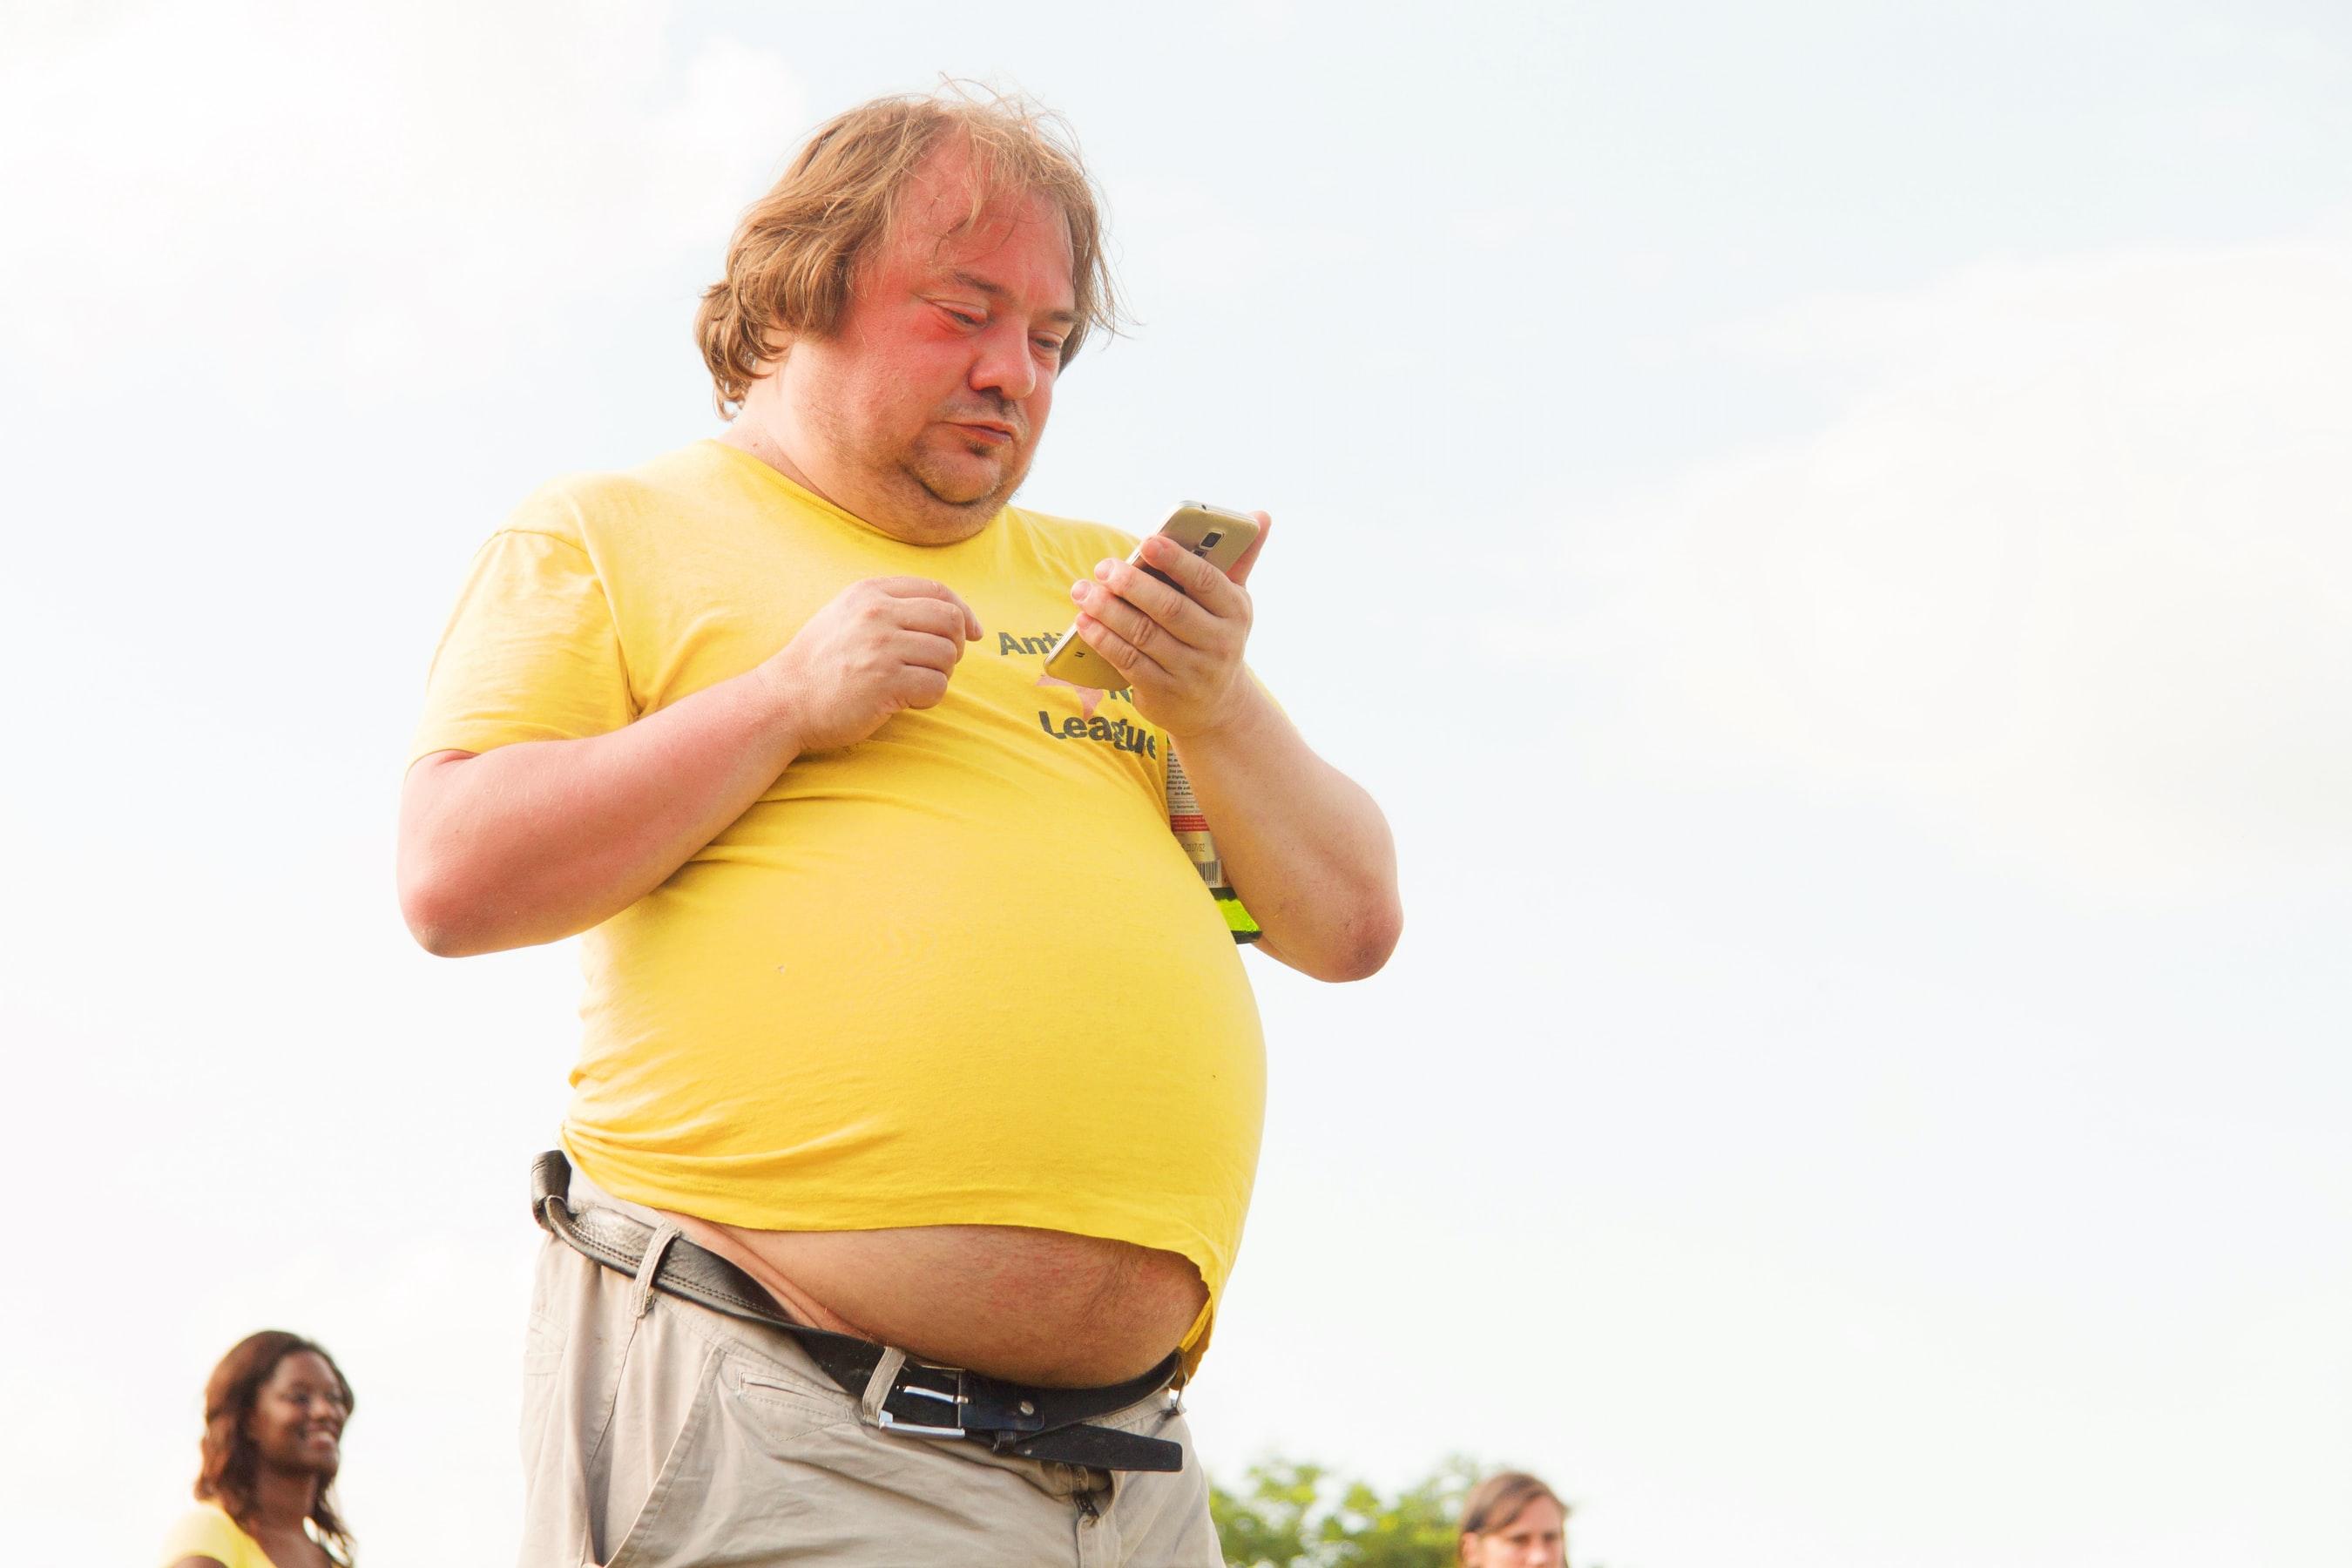 太っている人